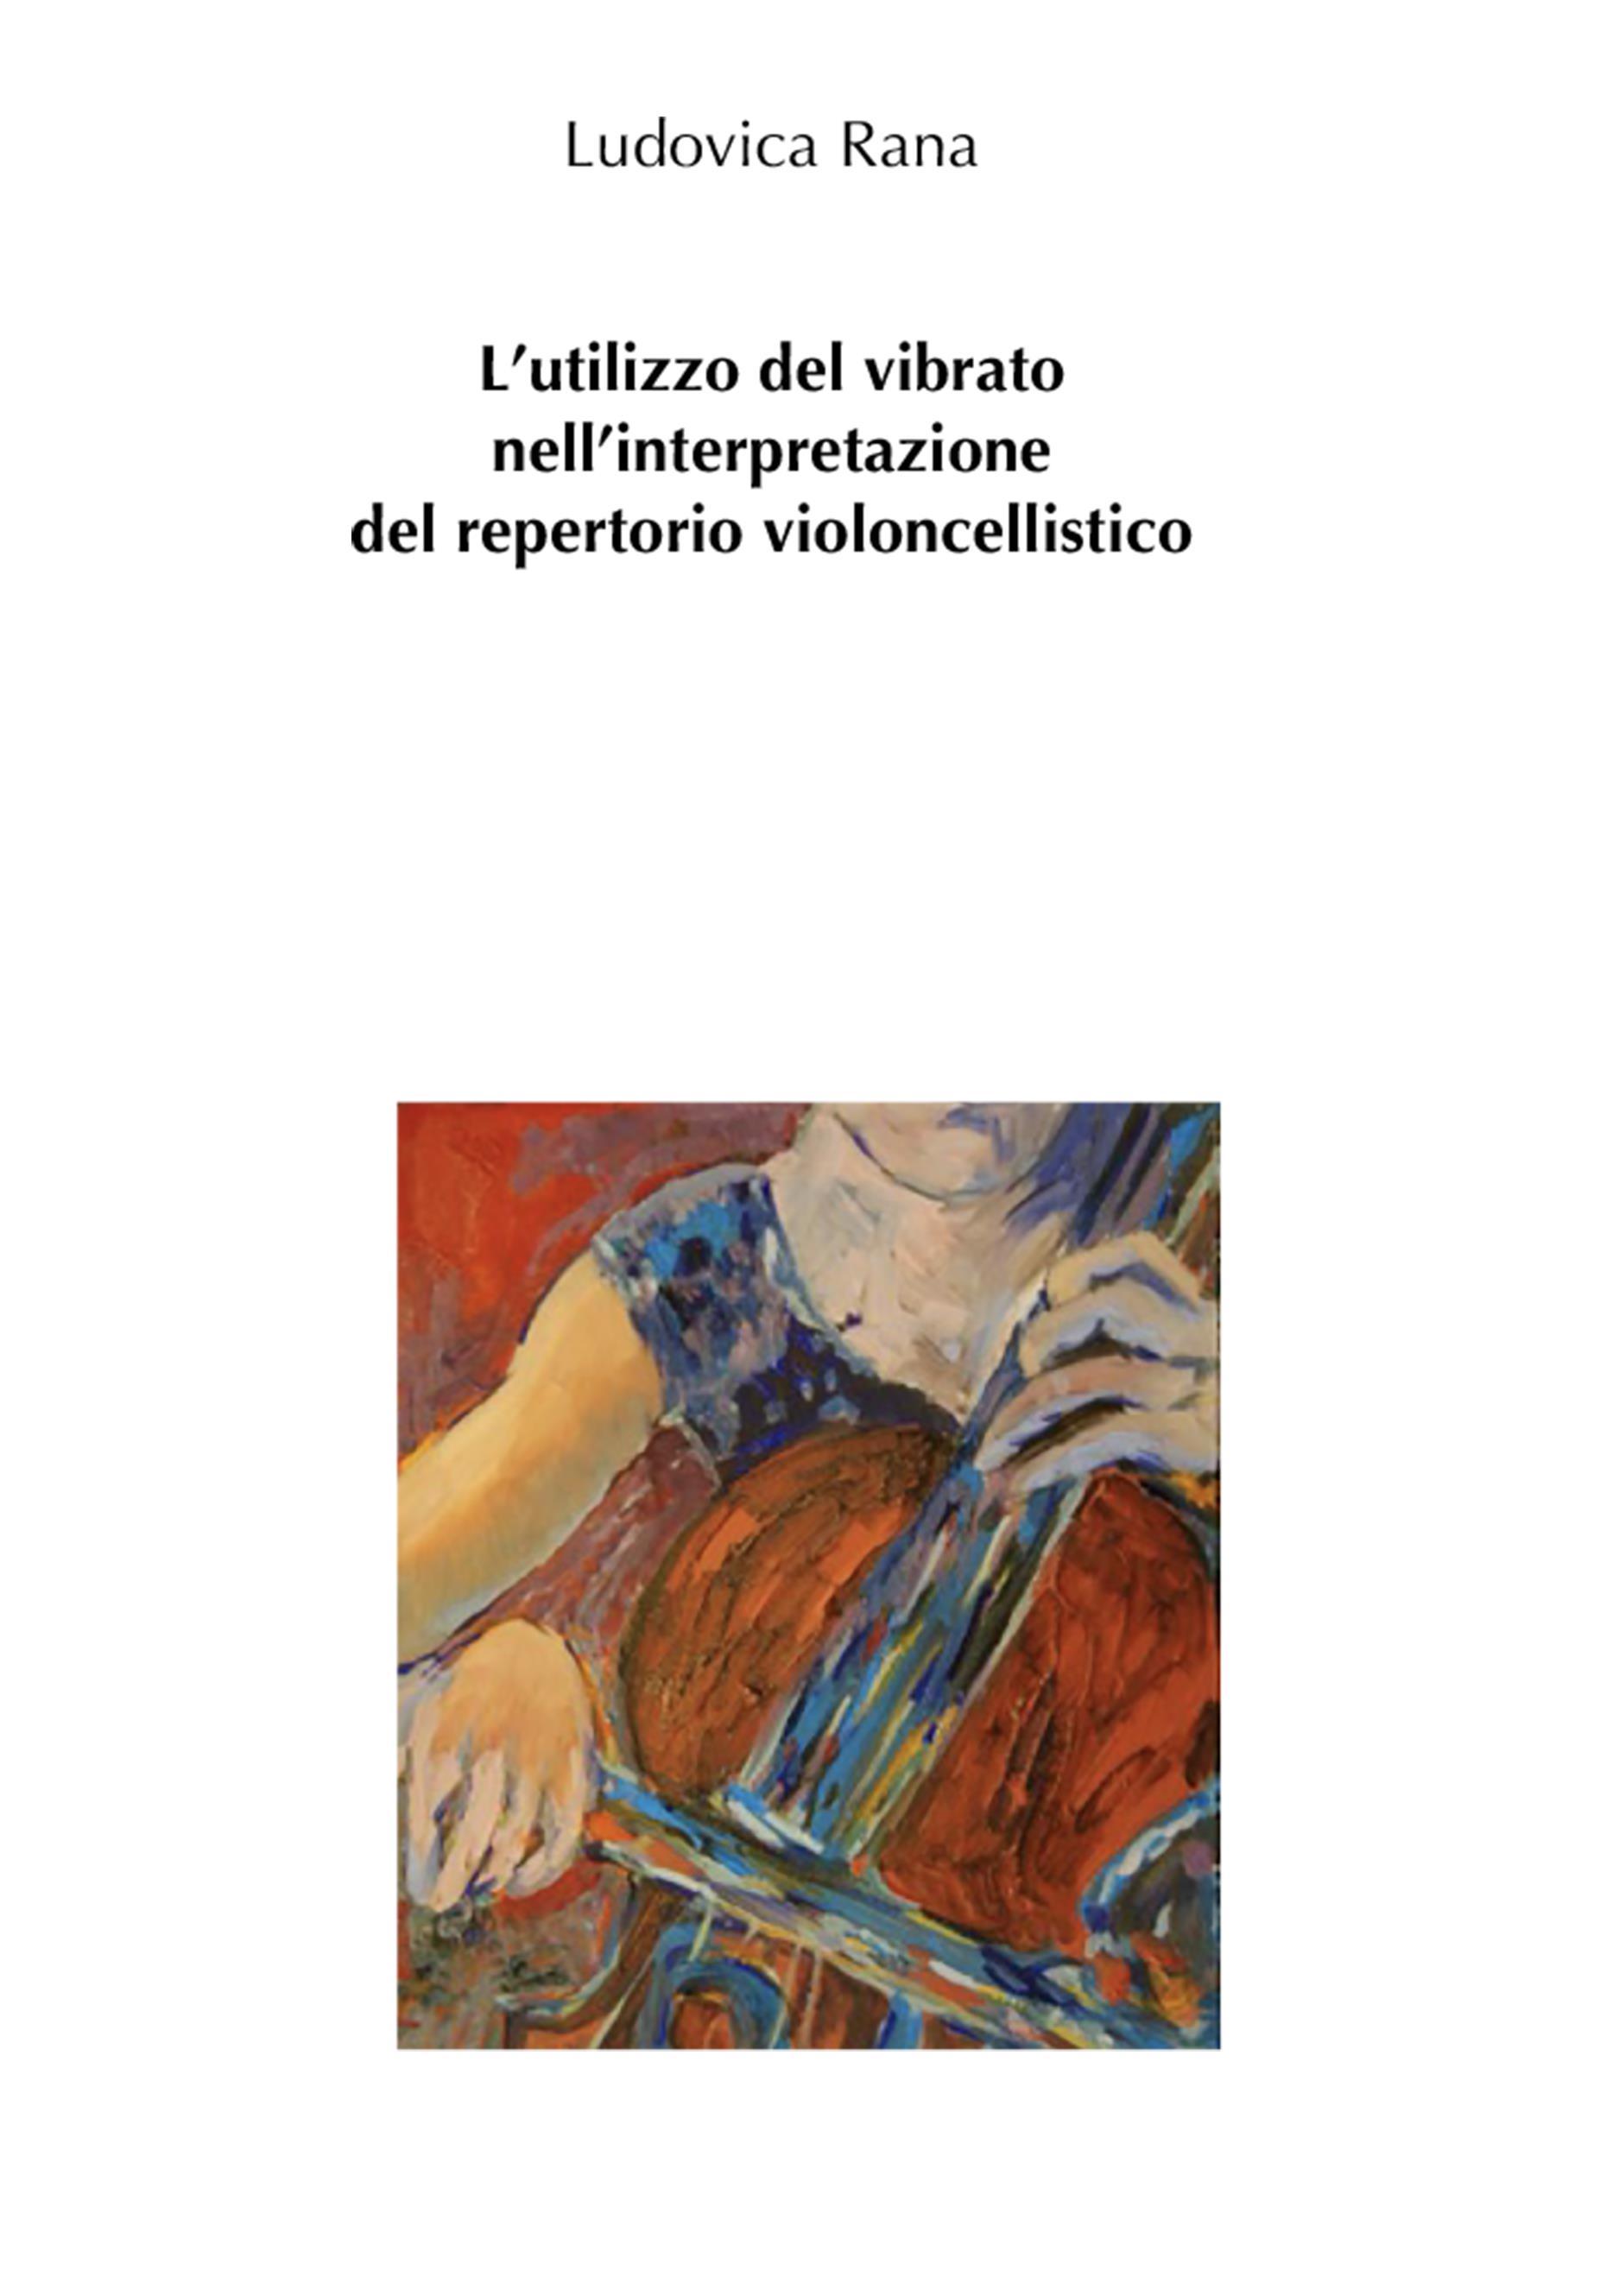 L'utilizzo del vibrato nell'interpretazione del repertorio violoncellistico